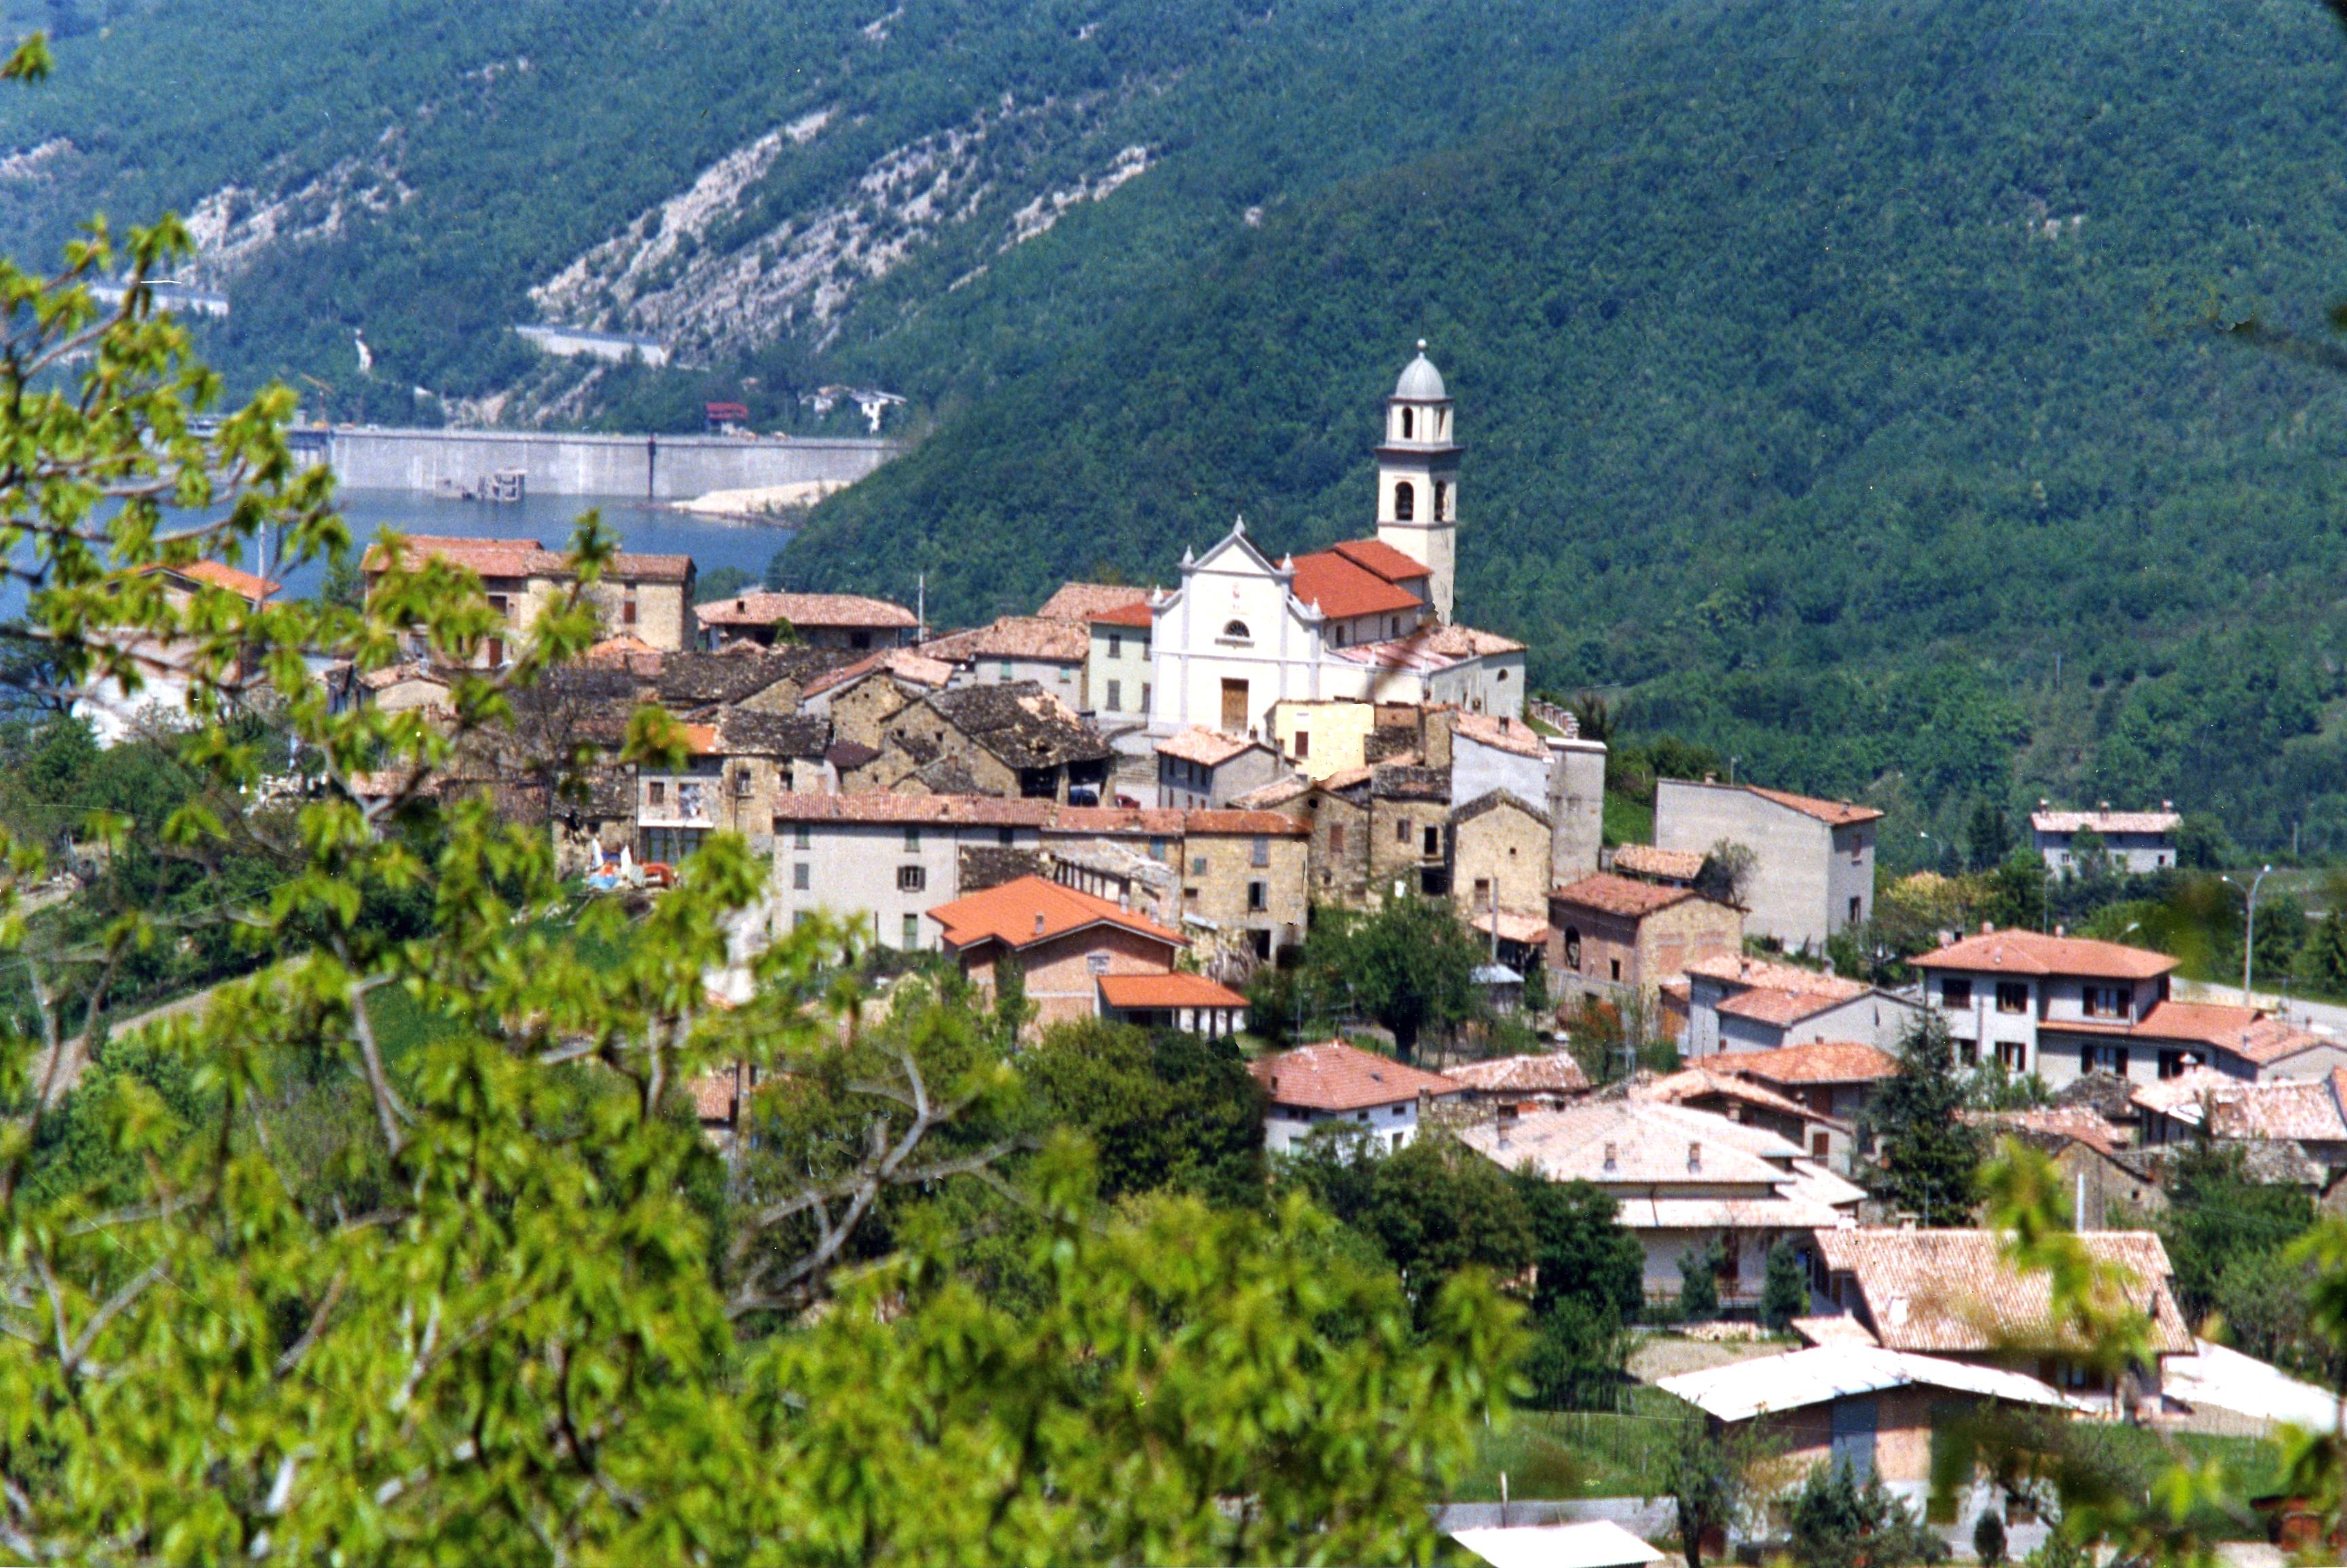 Valtolla e Valdarda valenza dei paesaggi agrari in prospettiva turistica Mi piace la zona